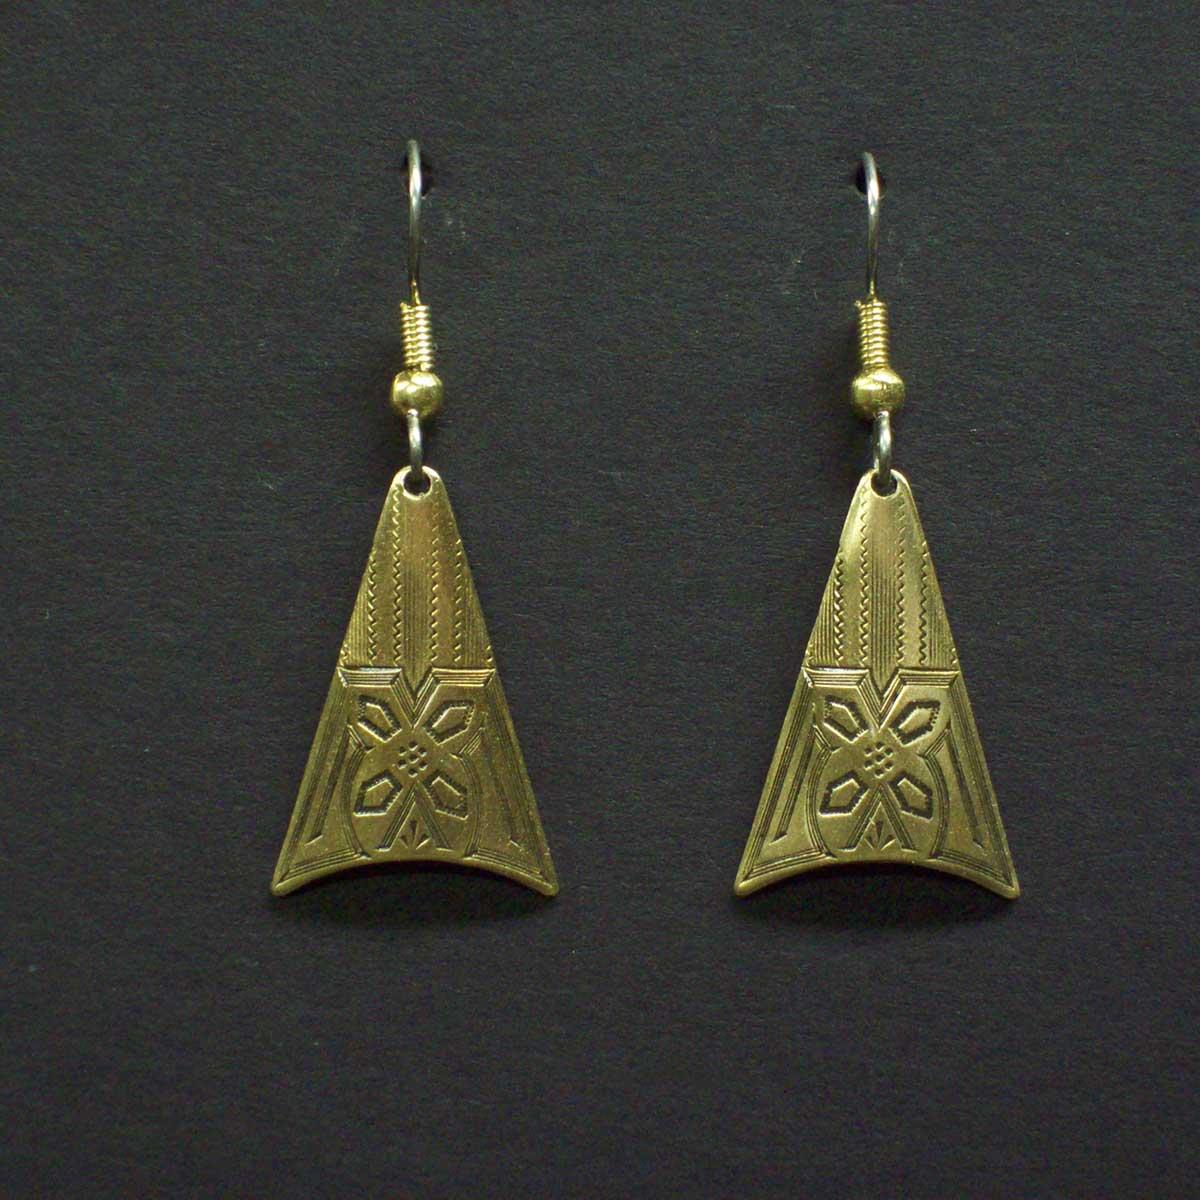 Engraved Vintage Style Earrings